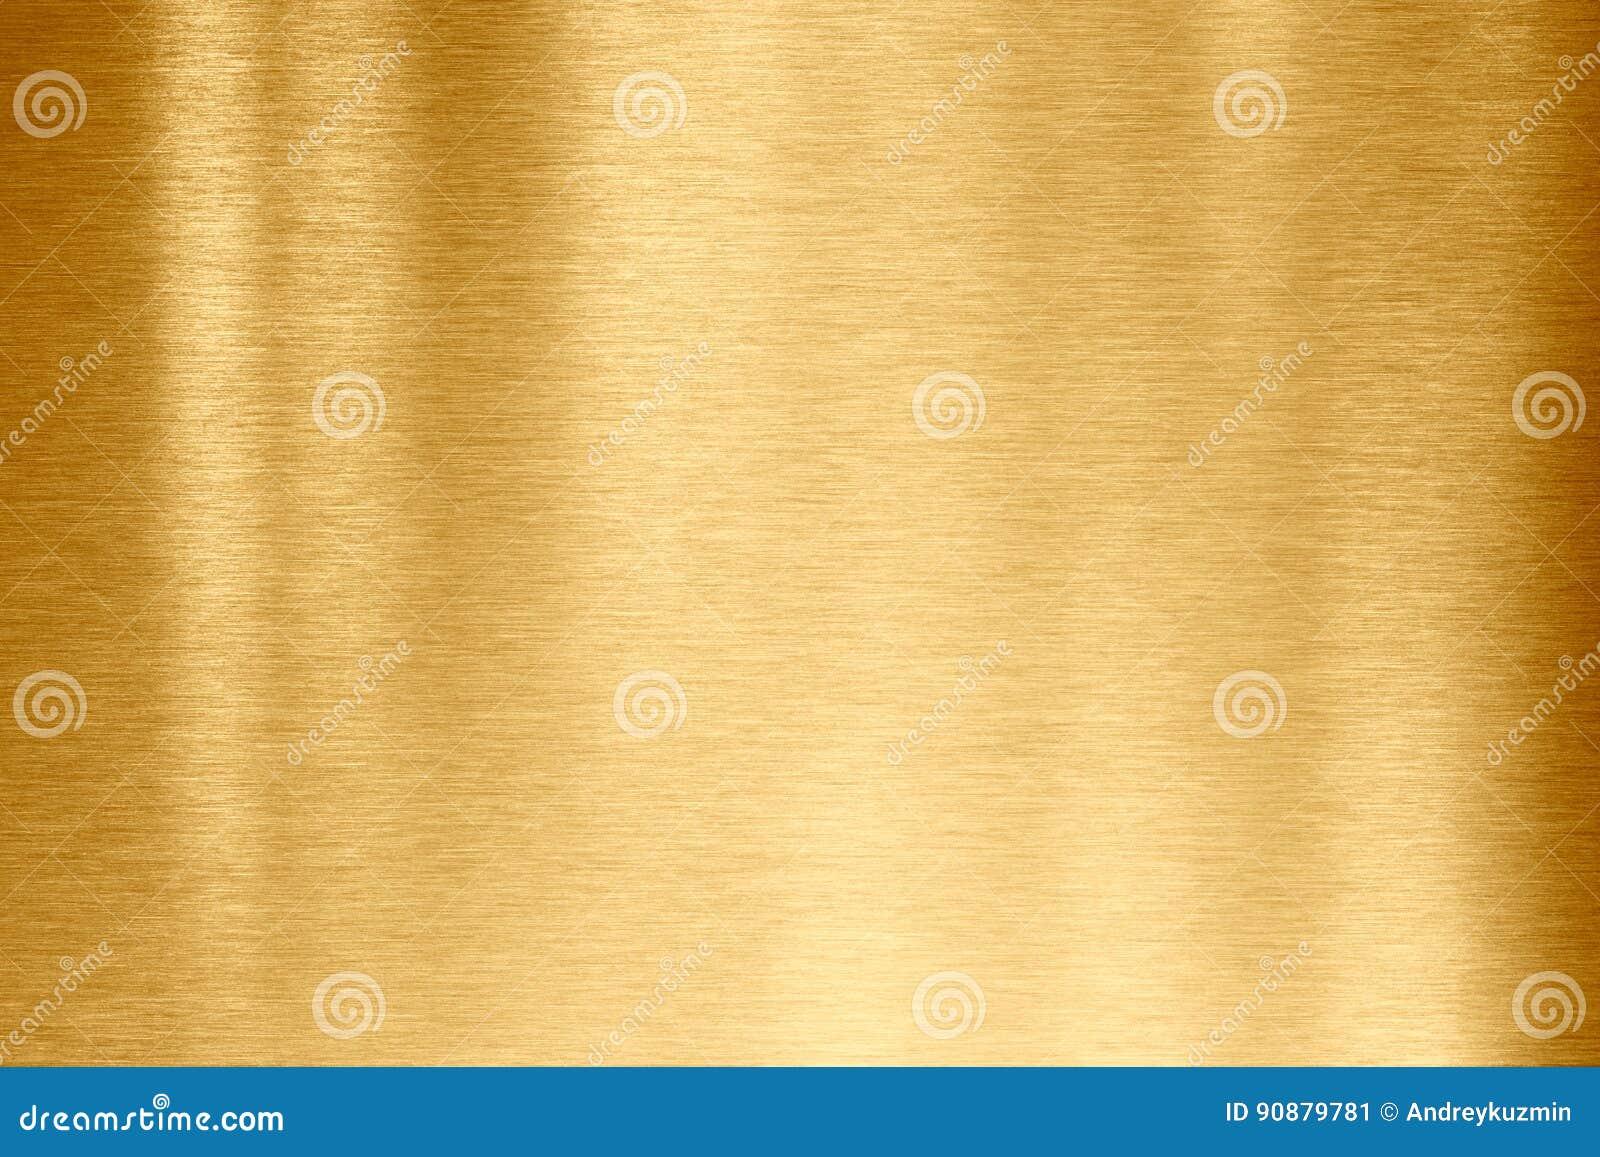 Goldmetallbeschaffenheit